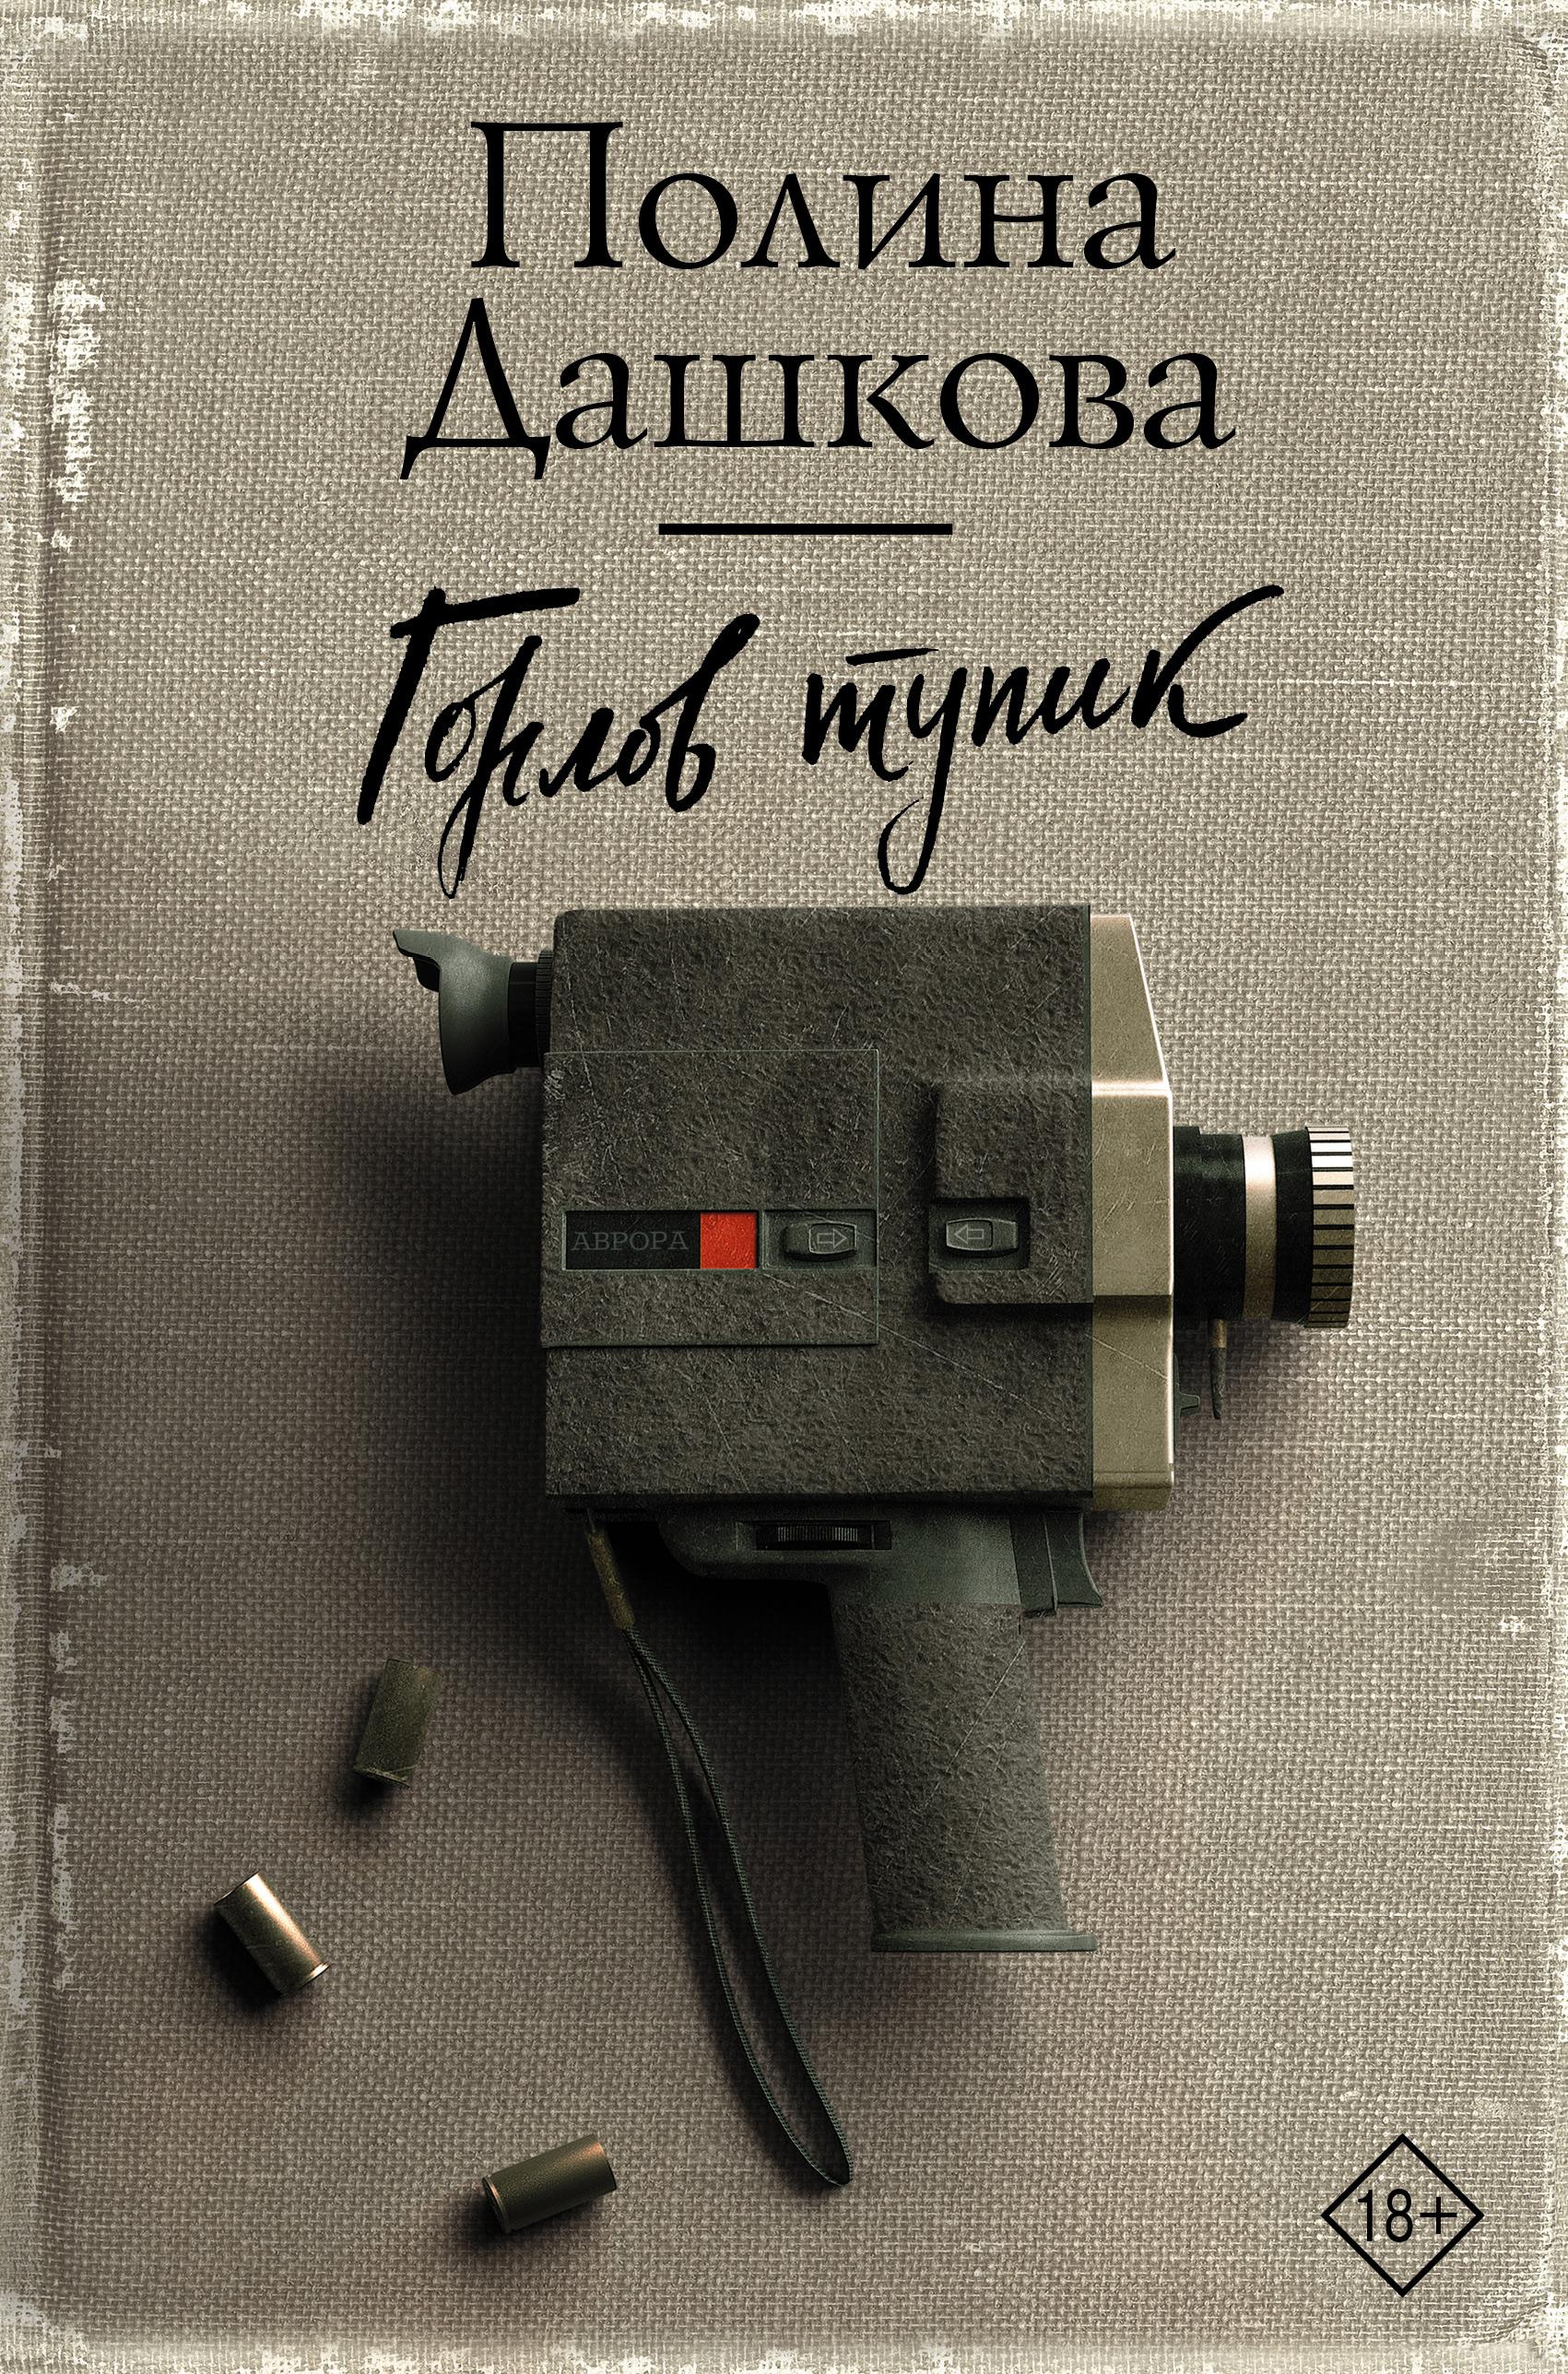 Отзывы о книге Горлов тупик, Полина Дашкова – ЛитРес